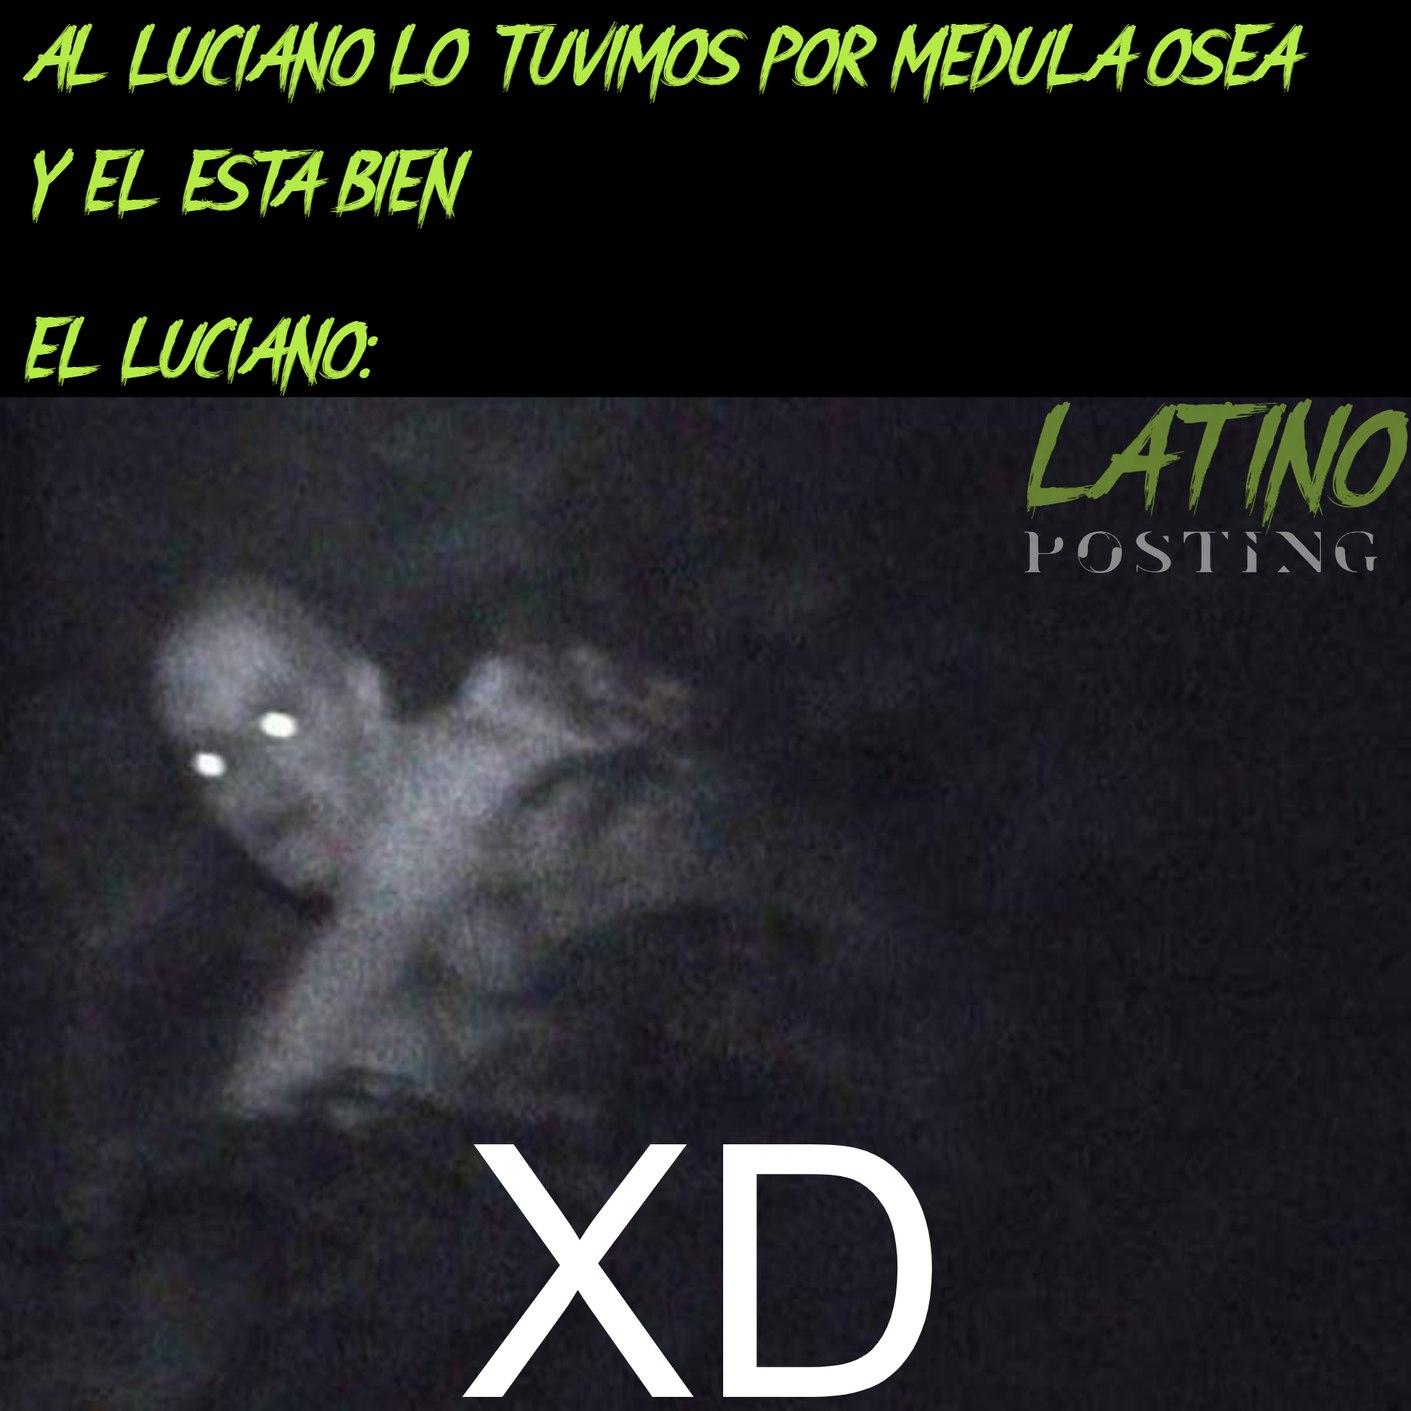 El Luciano ta joya  - meme